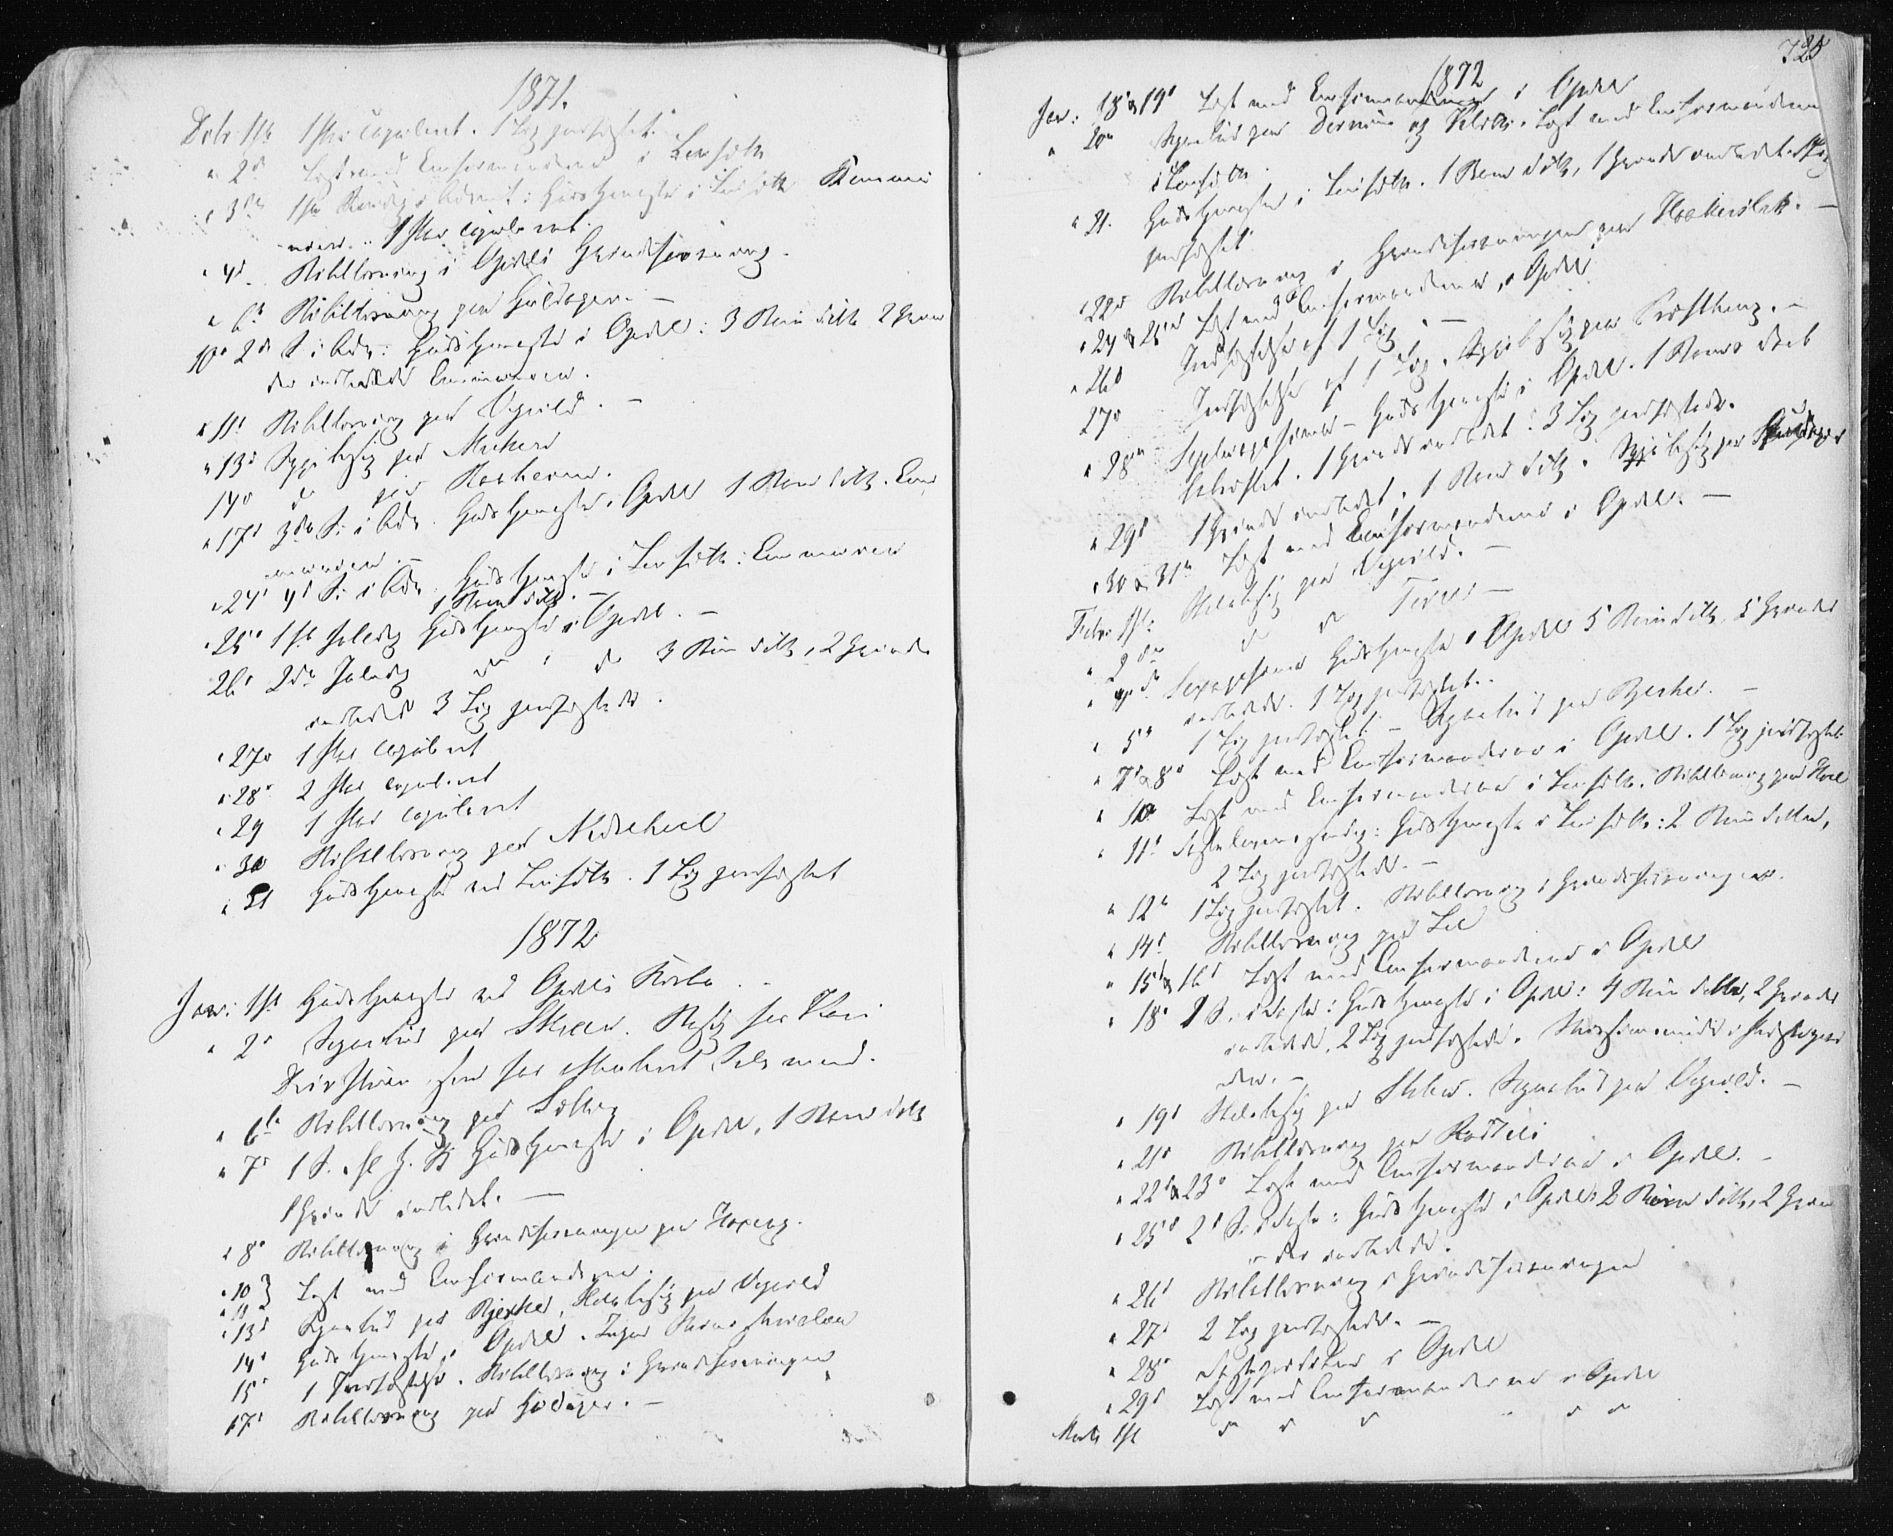 SAT, Ministerialprotokoller, klokkerbøker og fødselsregistre - Sør-Trøndelag, 678/L0899: Ministerialbok nr. 678A08, 1848-1872, s. 724